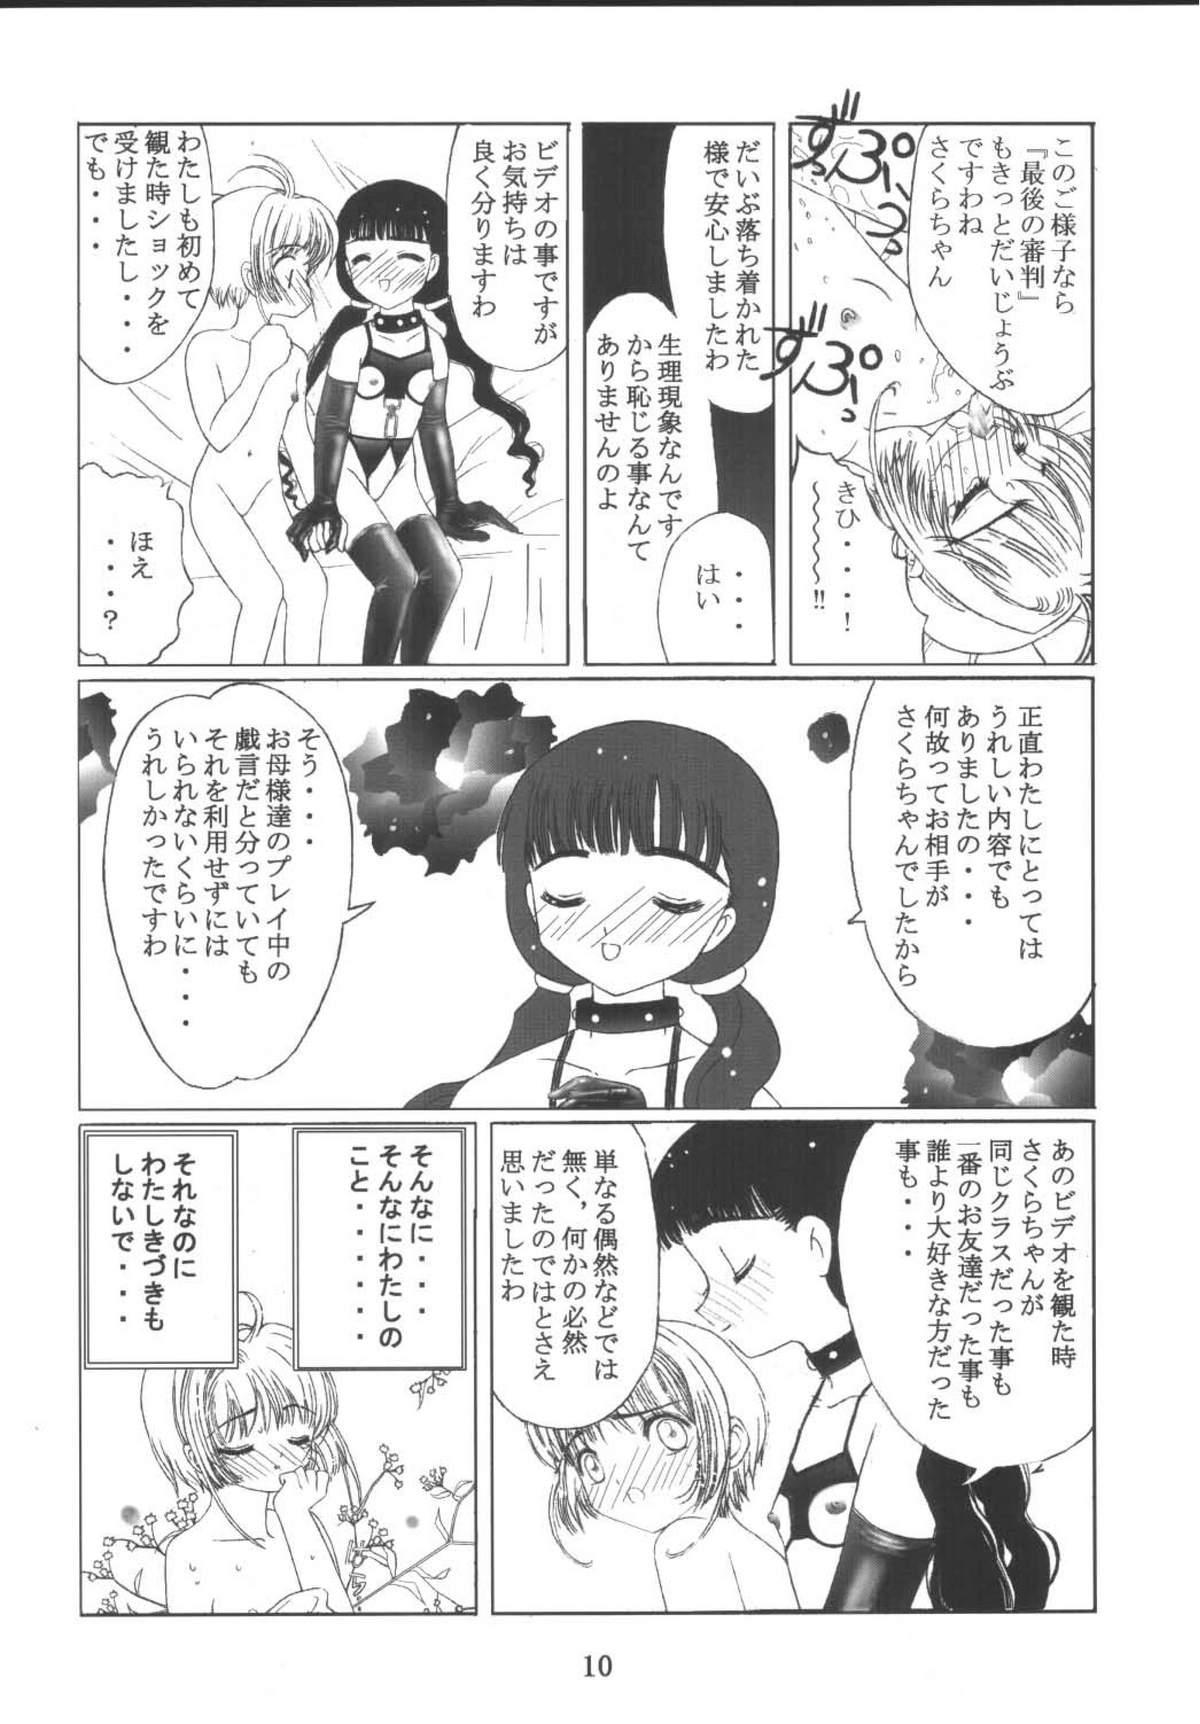 Kuuronziyou 10 Sakura-chan de Asobou 5 9